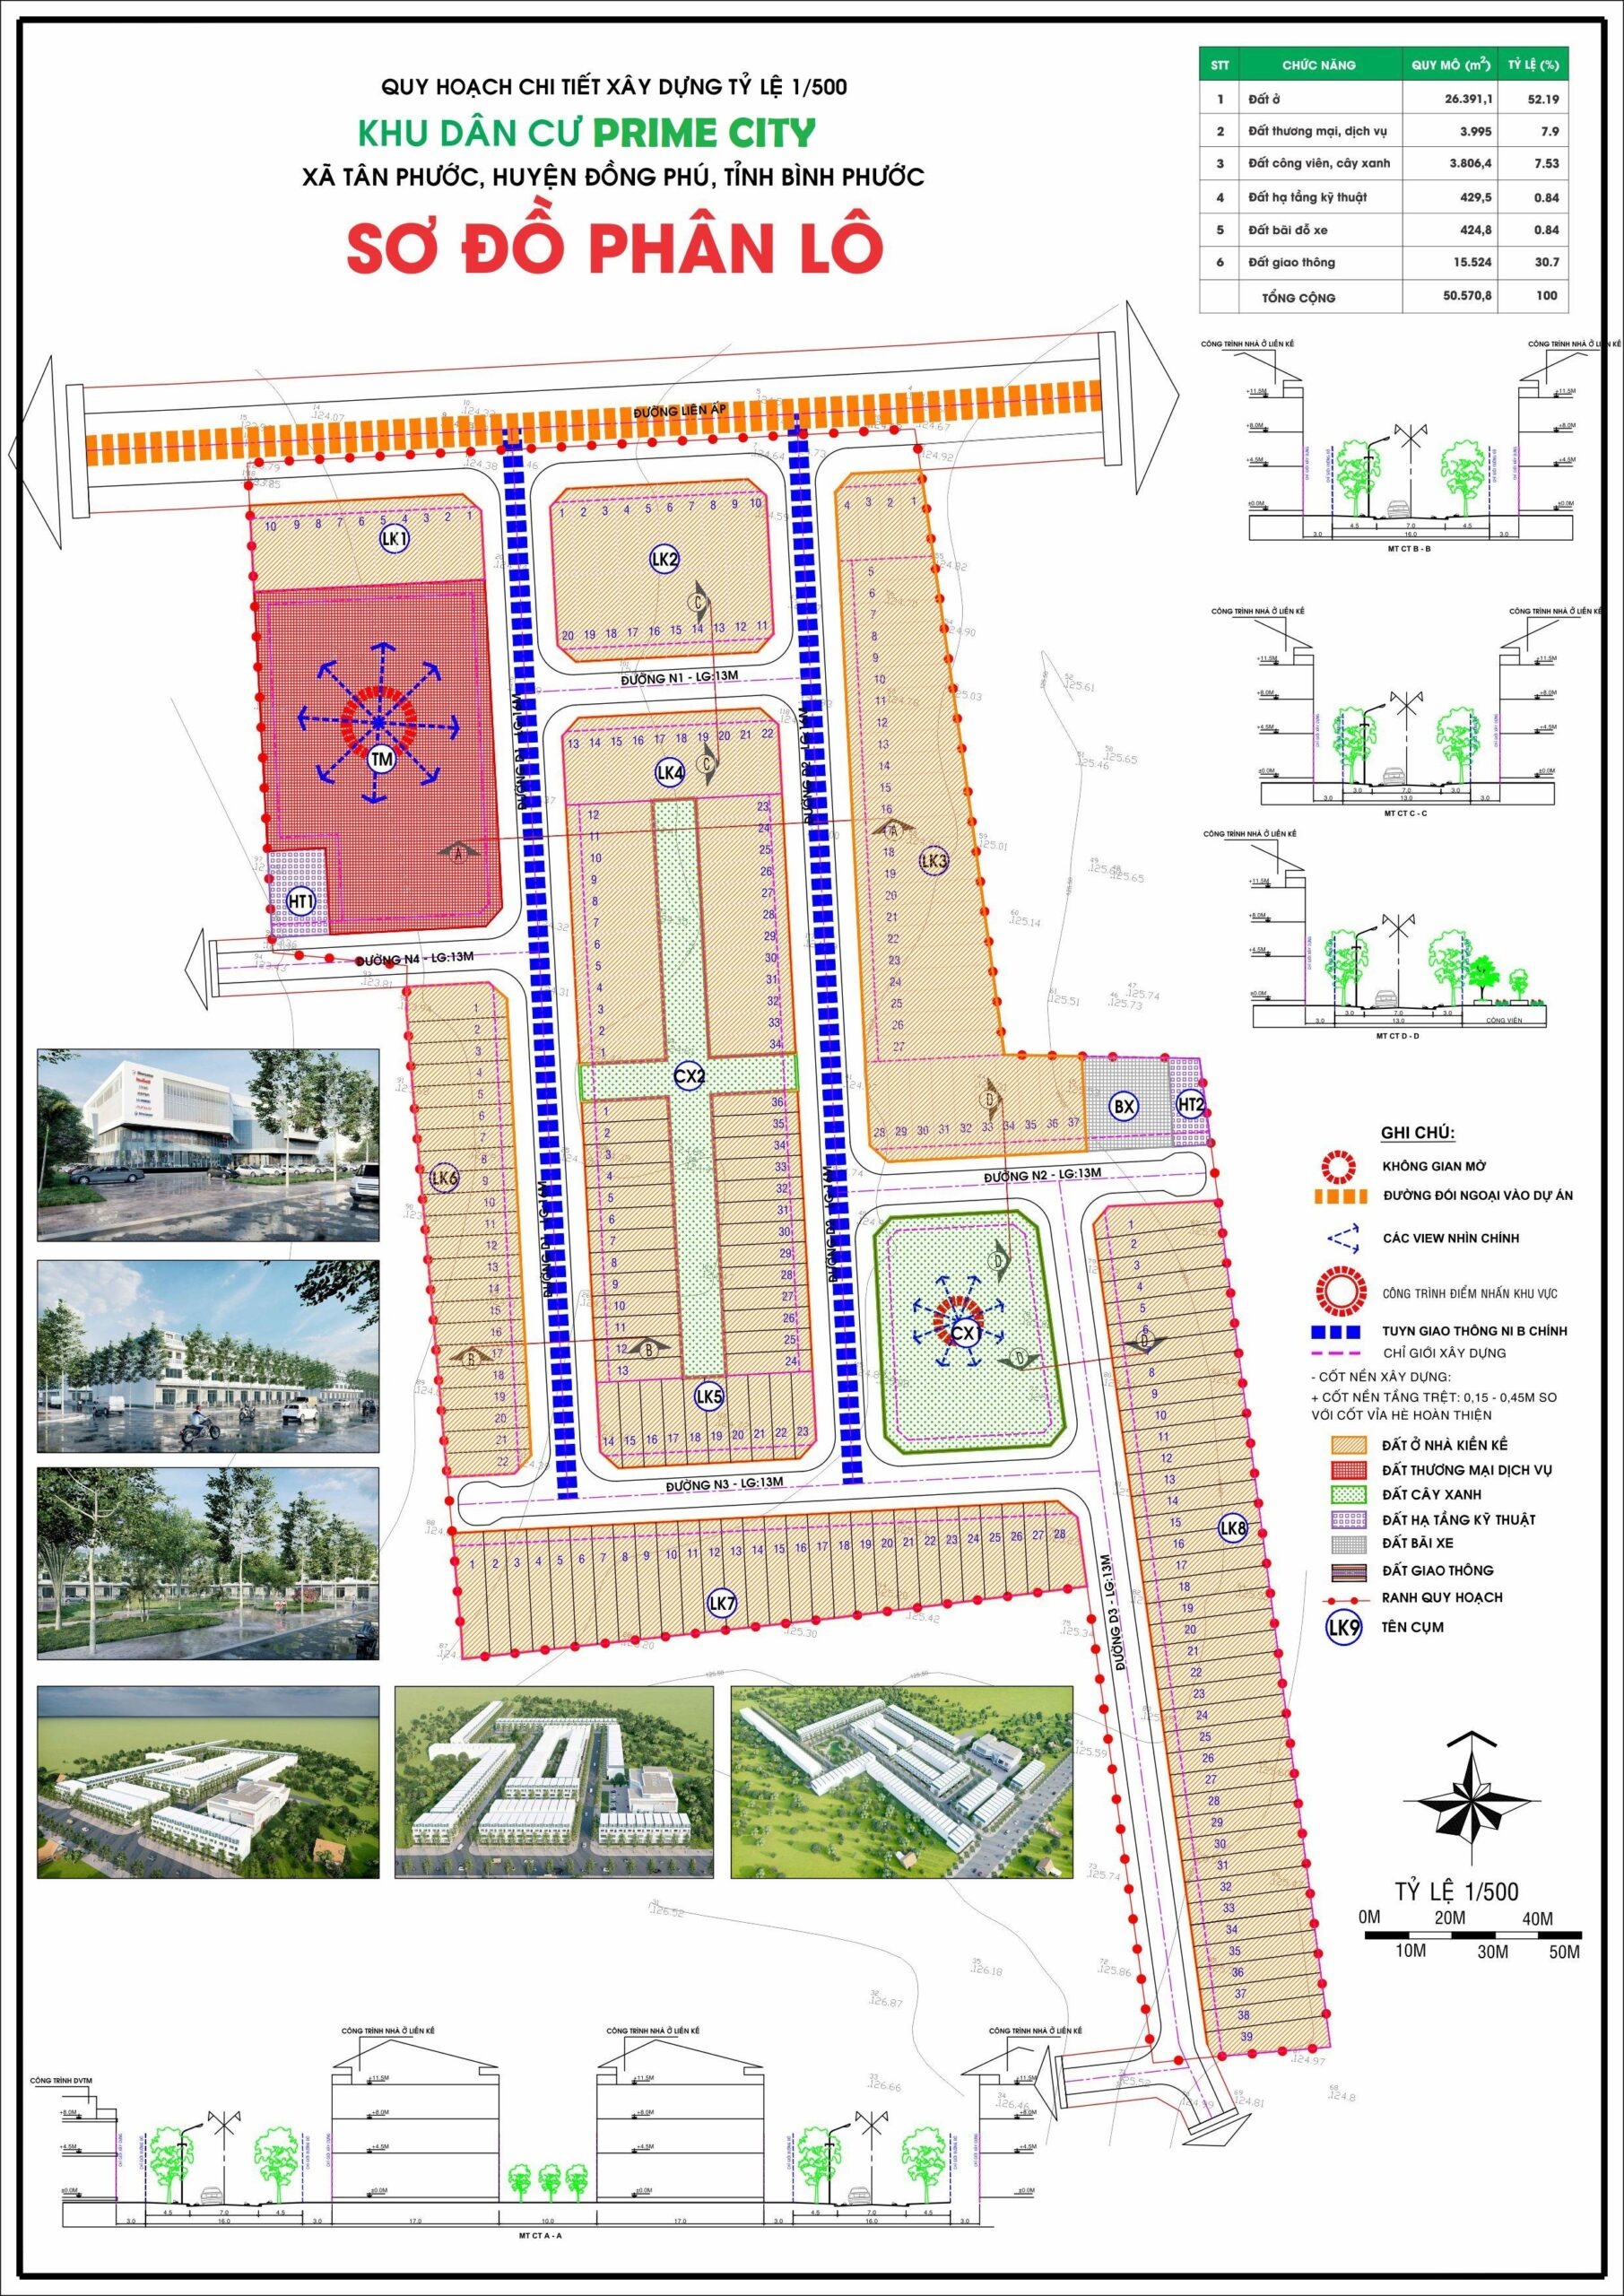 Mặt bằng Dự án đất nền khu dân cư Prime City Bình Phước, Tân Phước, Đồng Phú